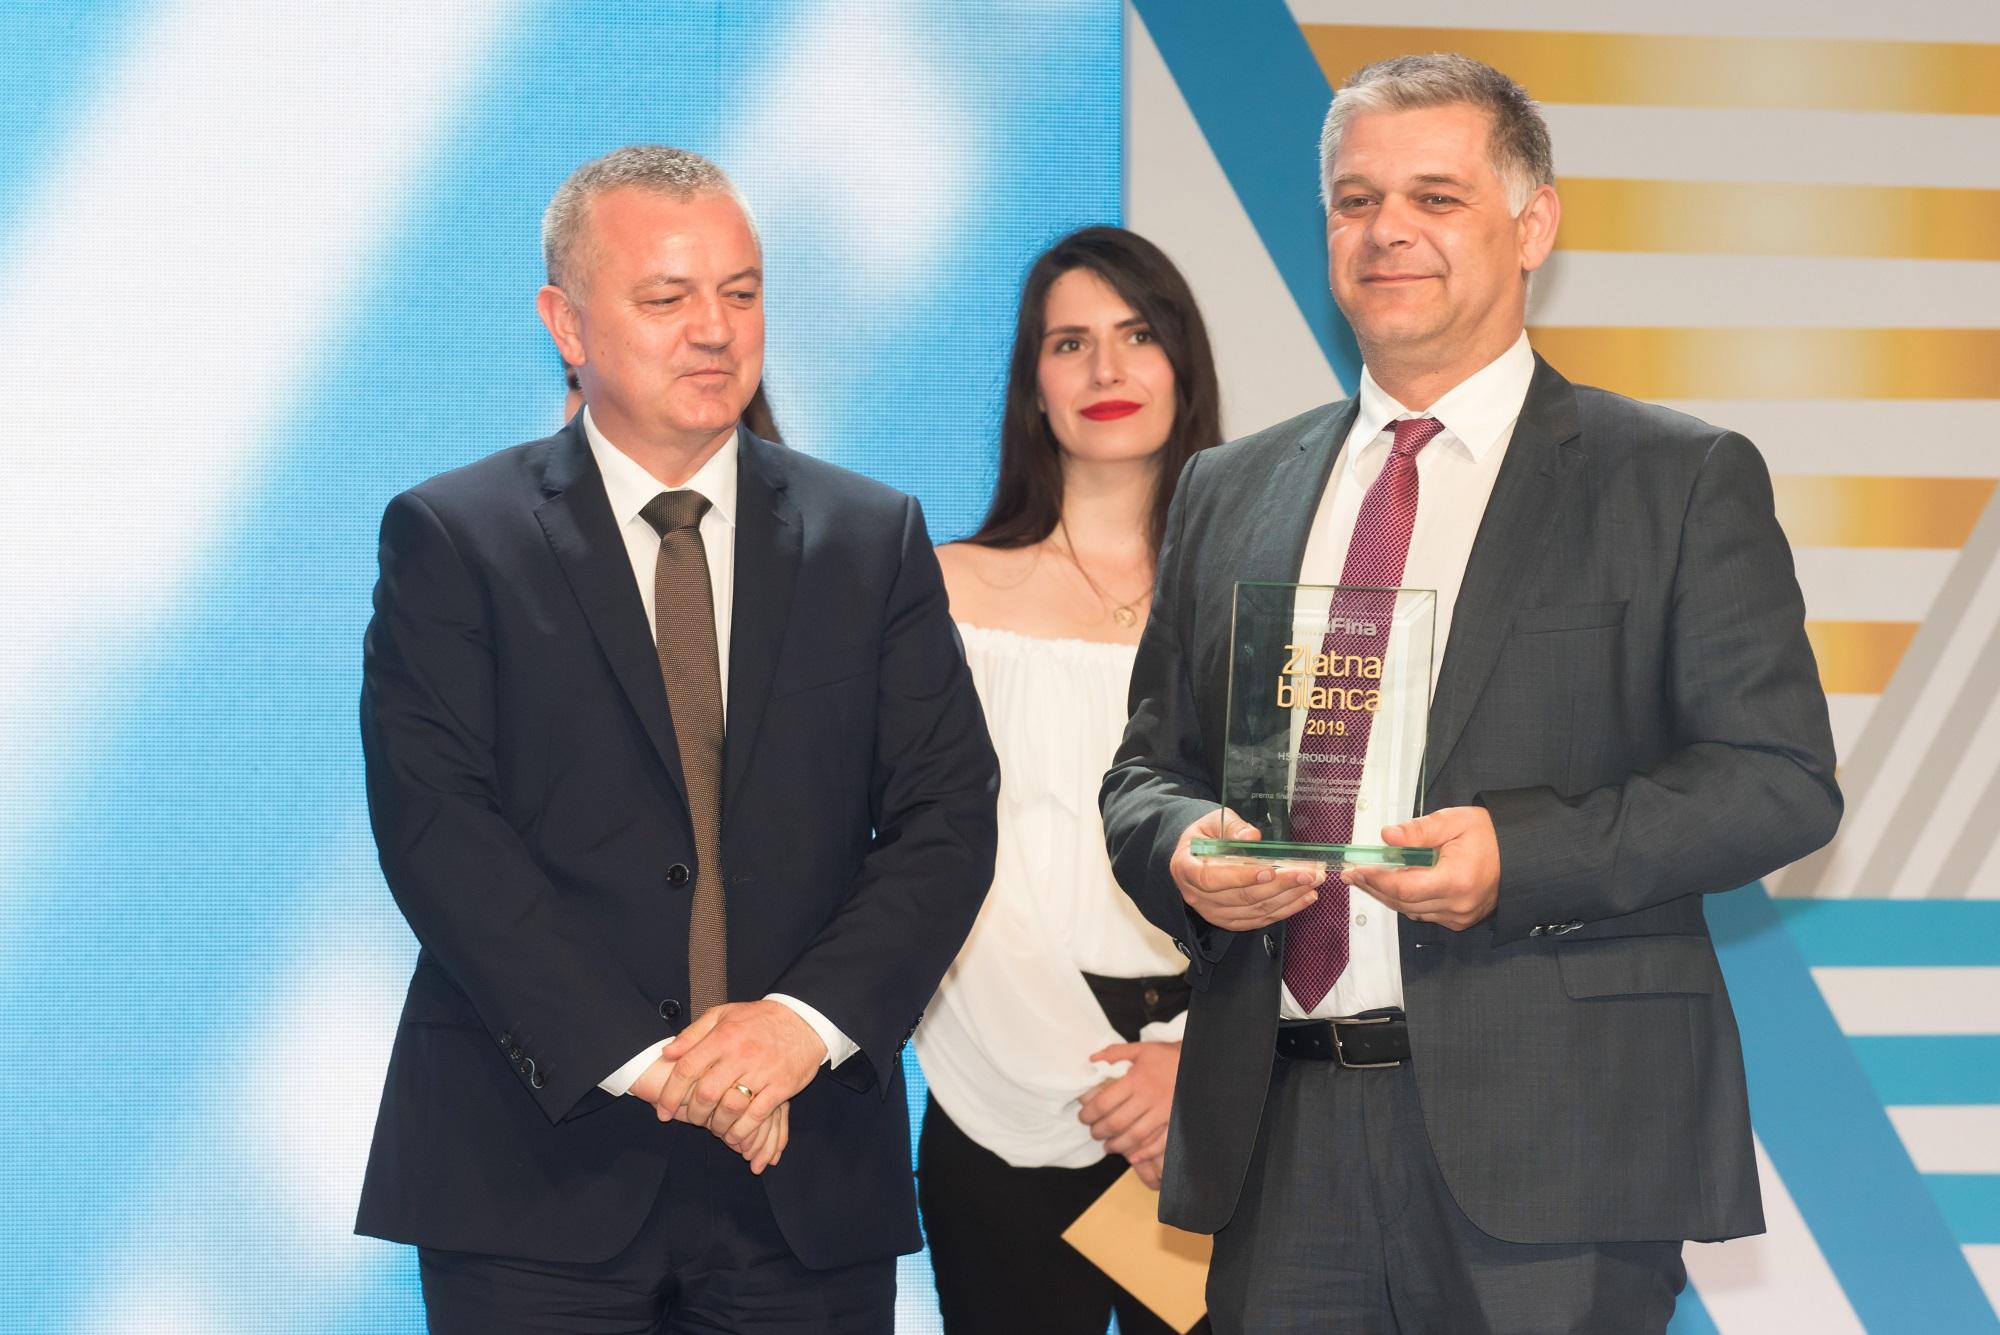 HS Produkt proglašen je sveukupnim pobjednikom, odnosno najuspješnijim hrvatskim poduzetnikom u 2018.